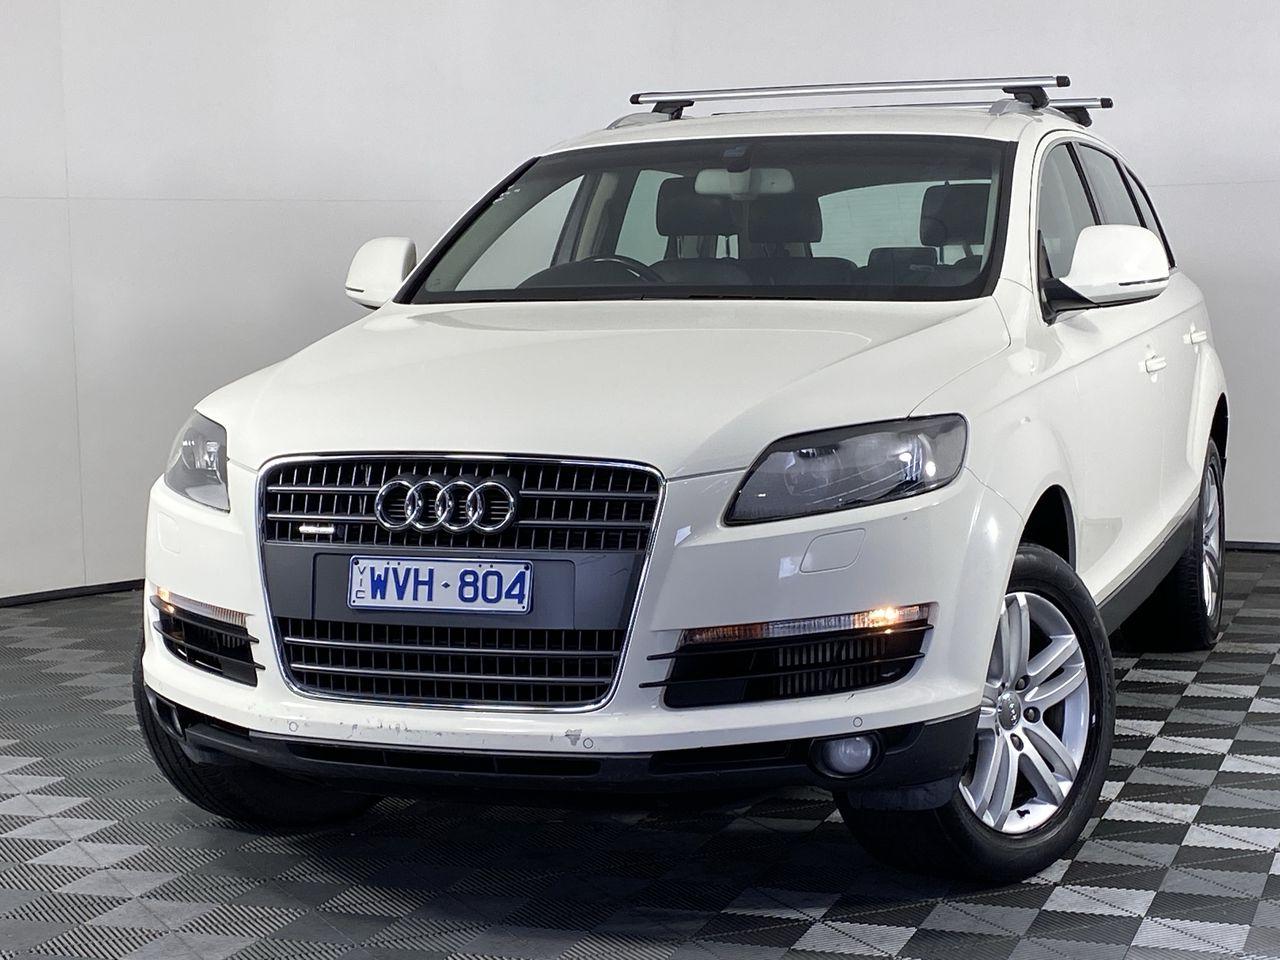 2009 Audi Q7 3.0 TDI quattro Turbo Diesel Automatic 7 Seats Wagon